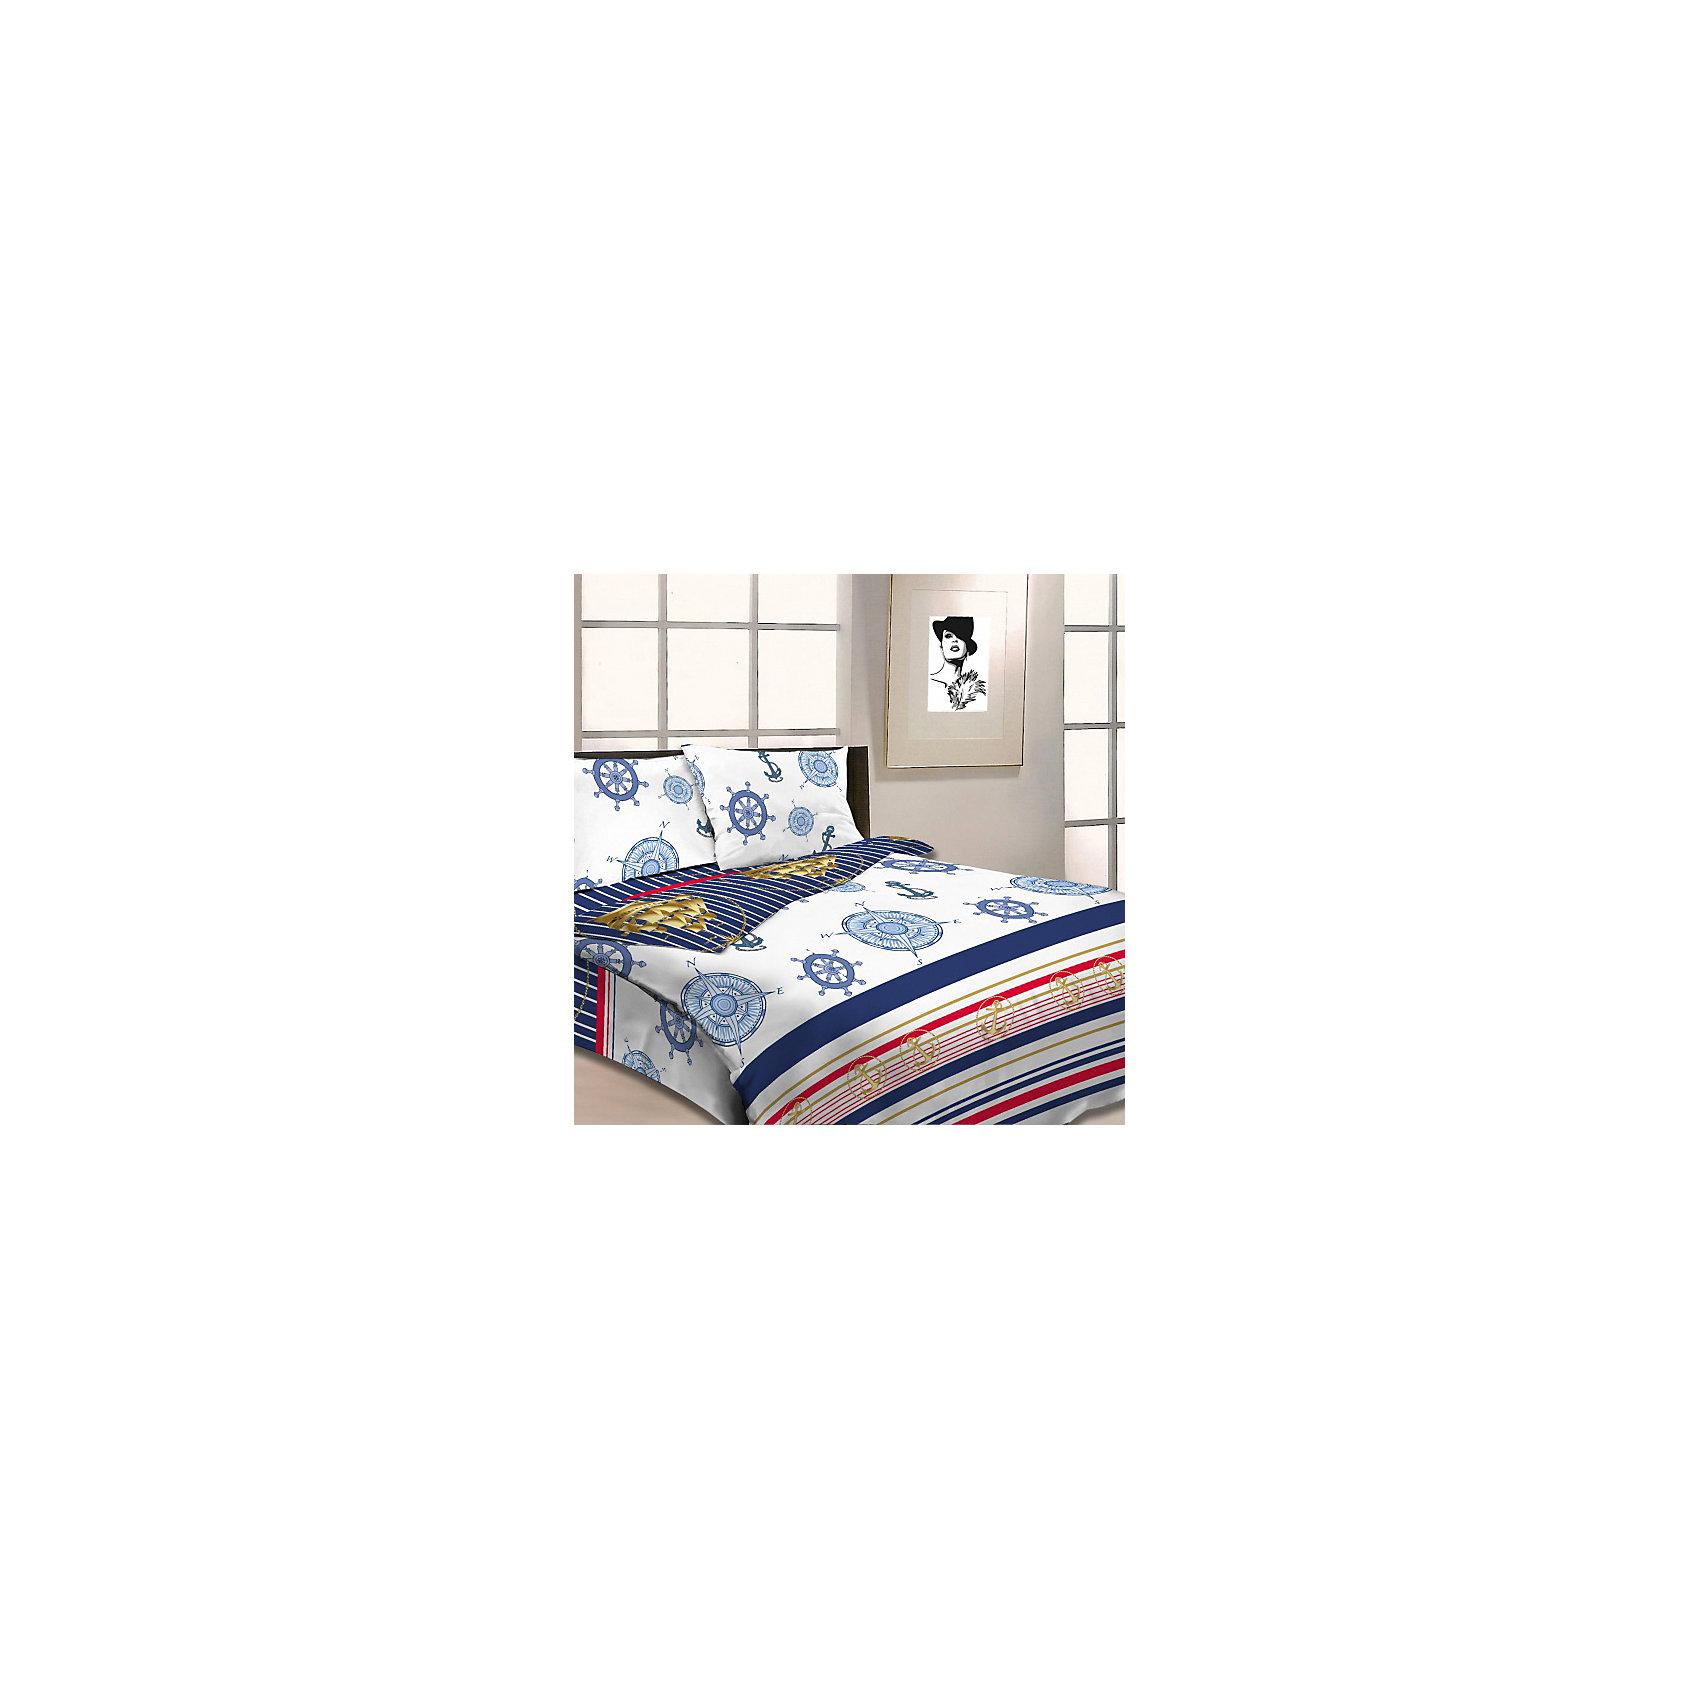 Letto Комплект Корабли 1,5-спальный (2 наволочки 70х70), Letto комплект белья letto семейный наволочки 70х70 цвет голубой синий b183 7